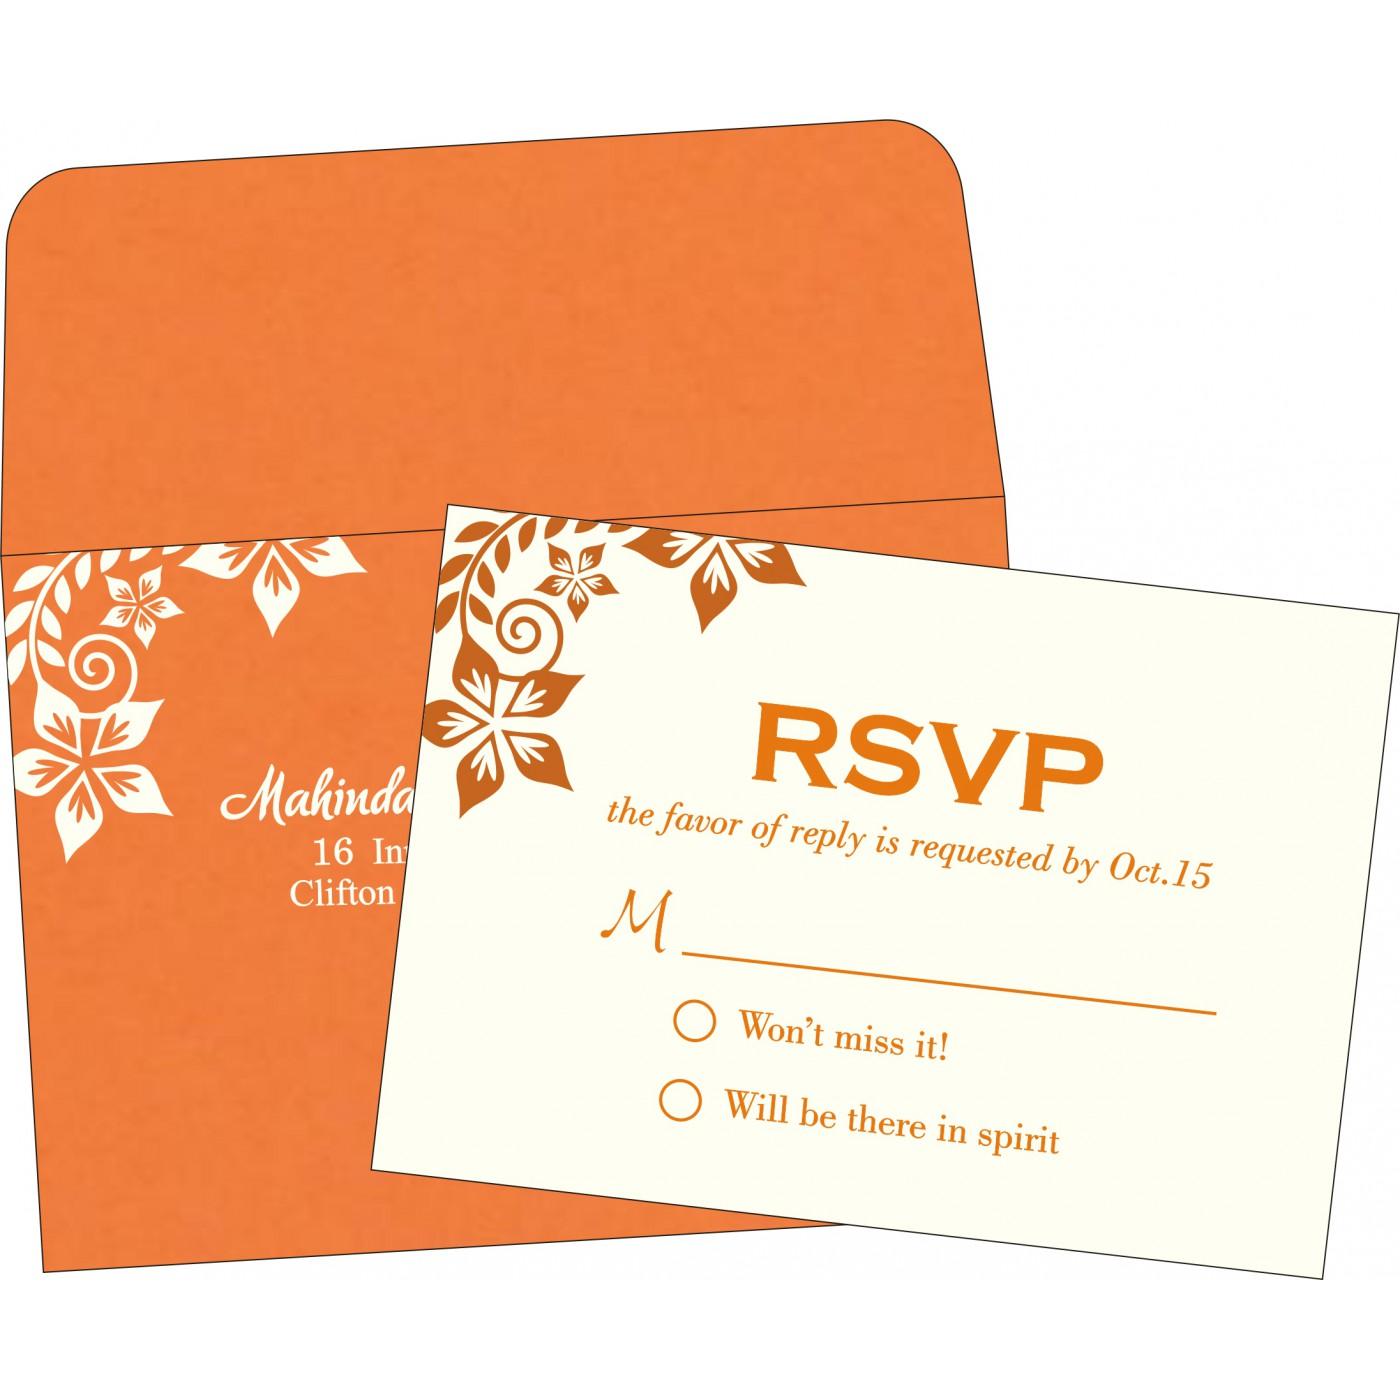 RSVP Cards : CRSVP 8240K